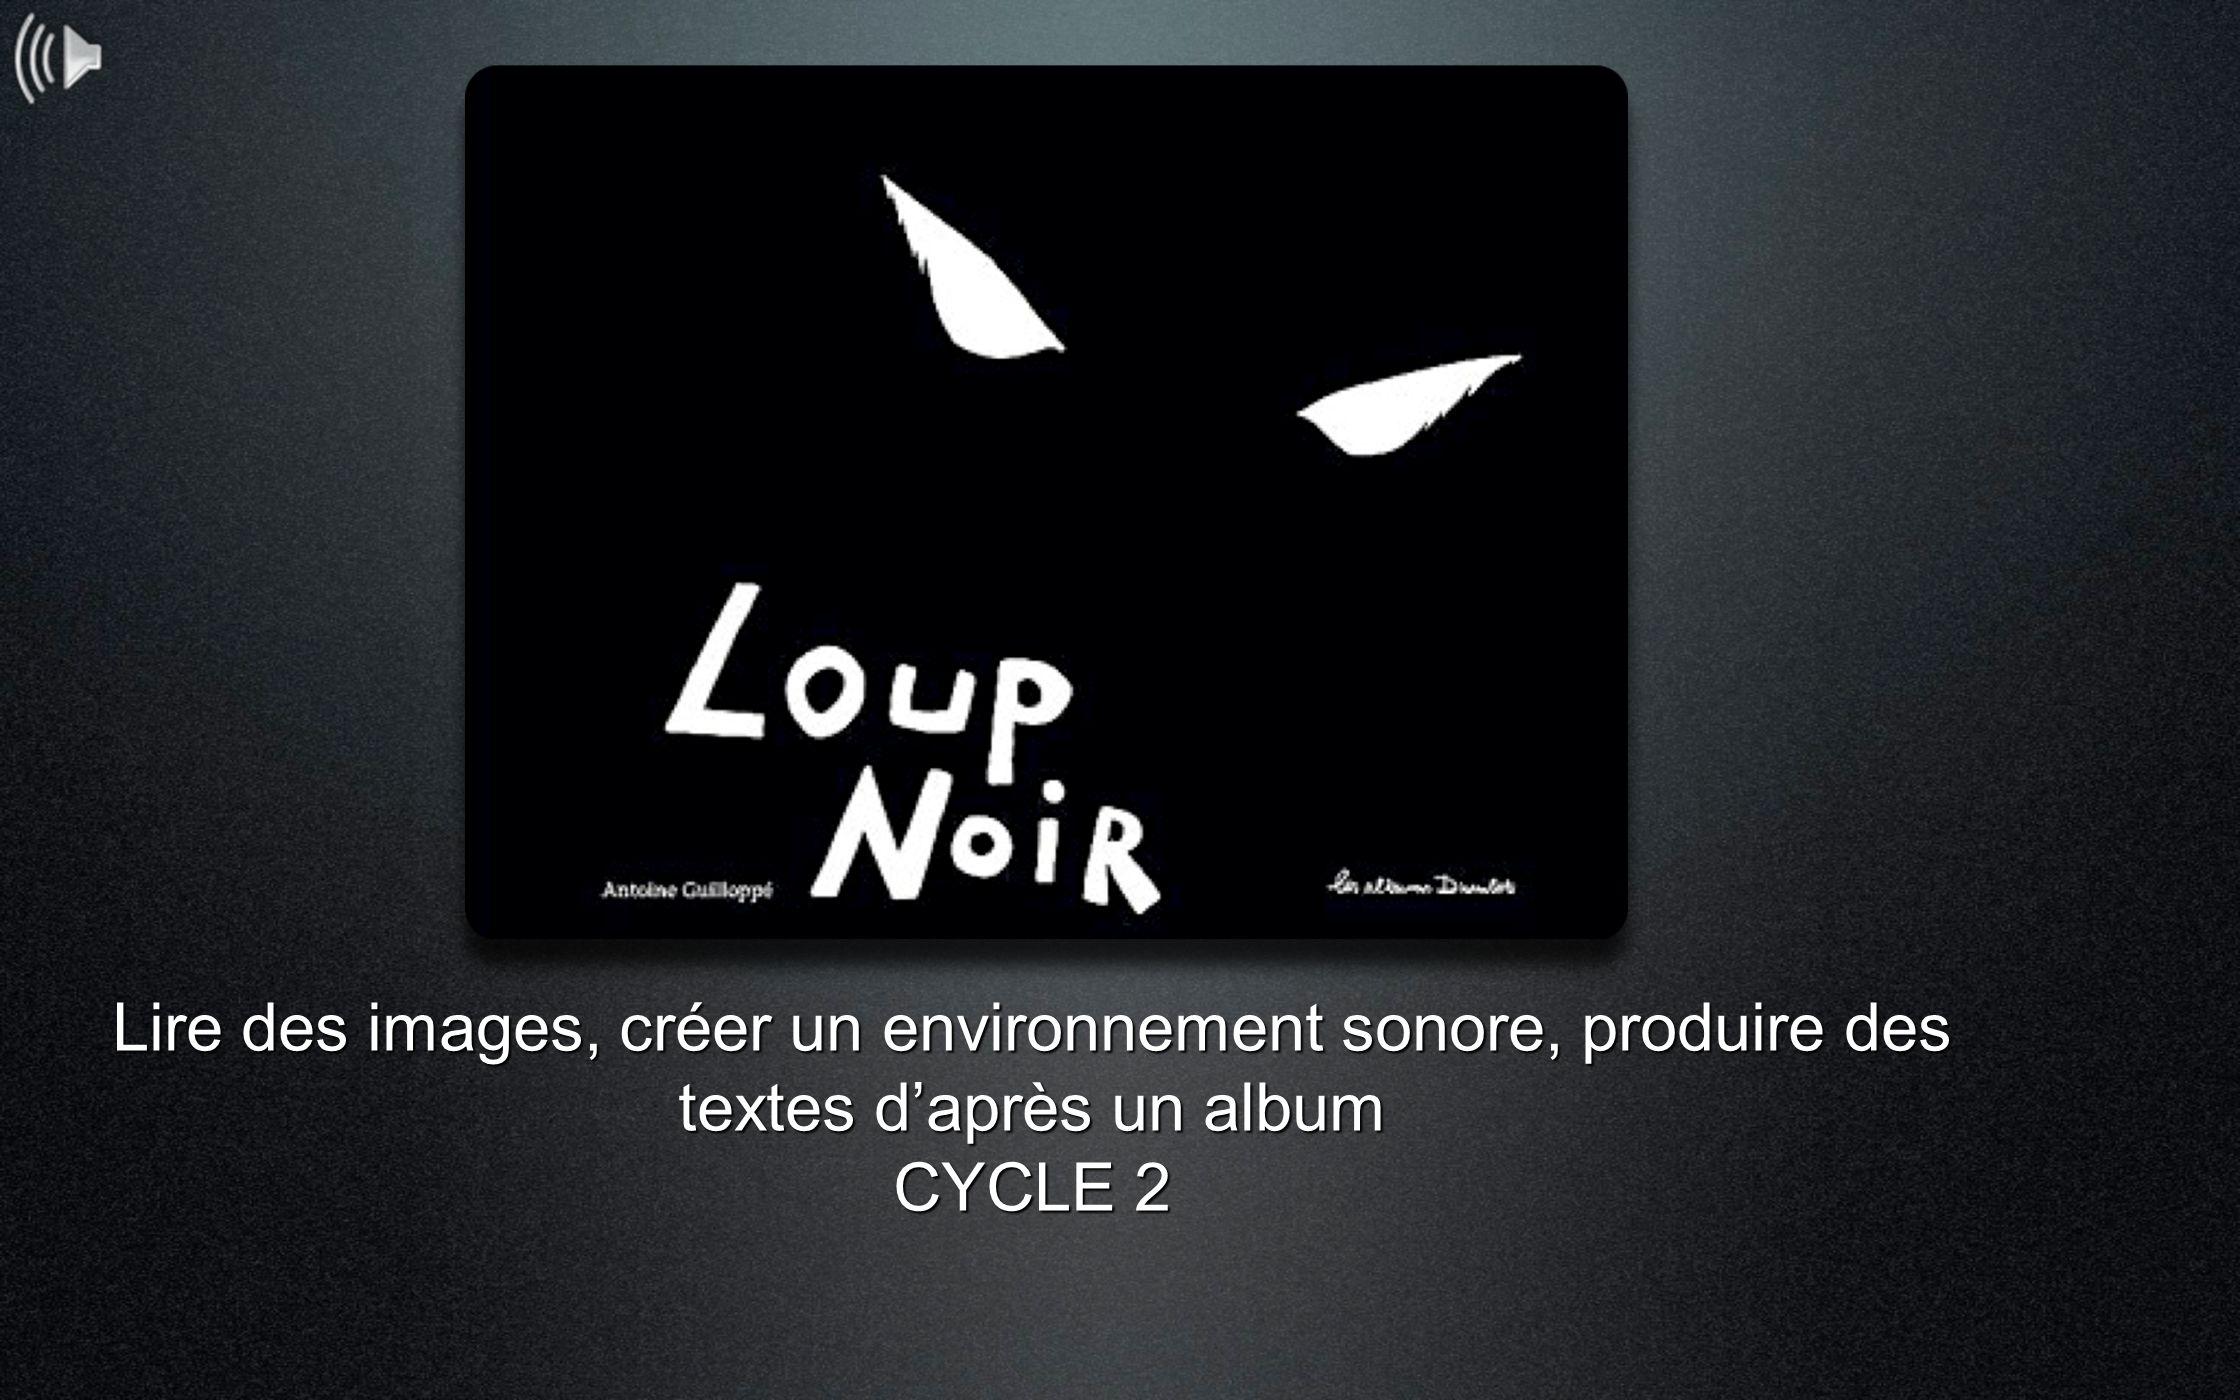 Lire des images, créer un environnement sonore, produire des textes d'après un album CYCLE 2